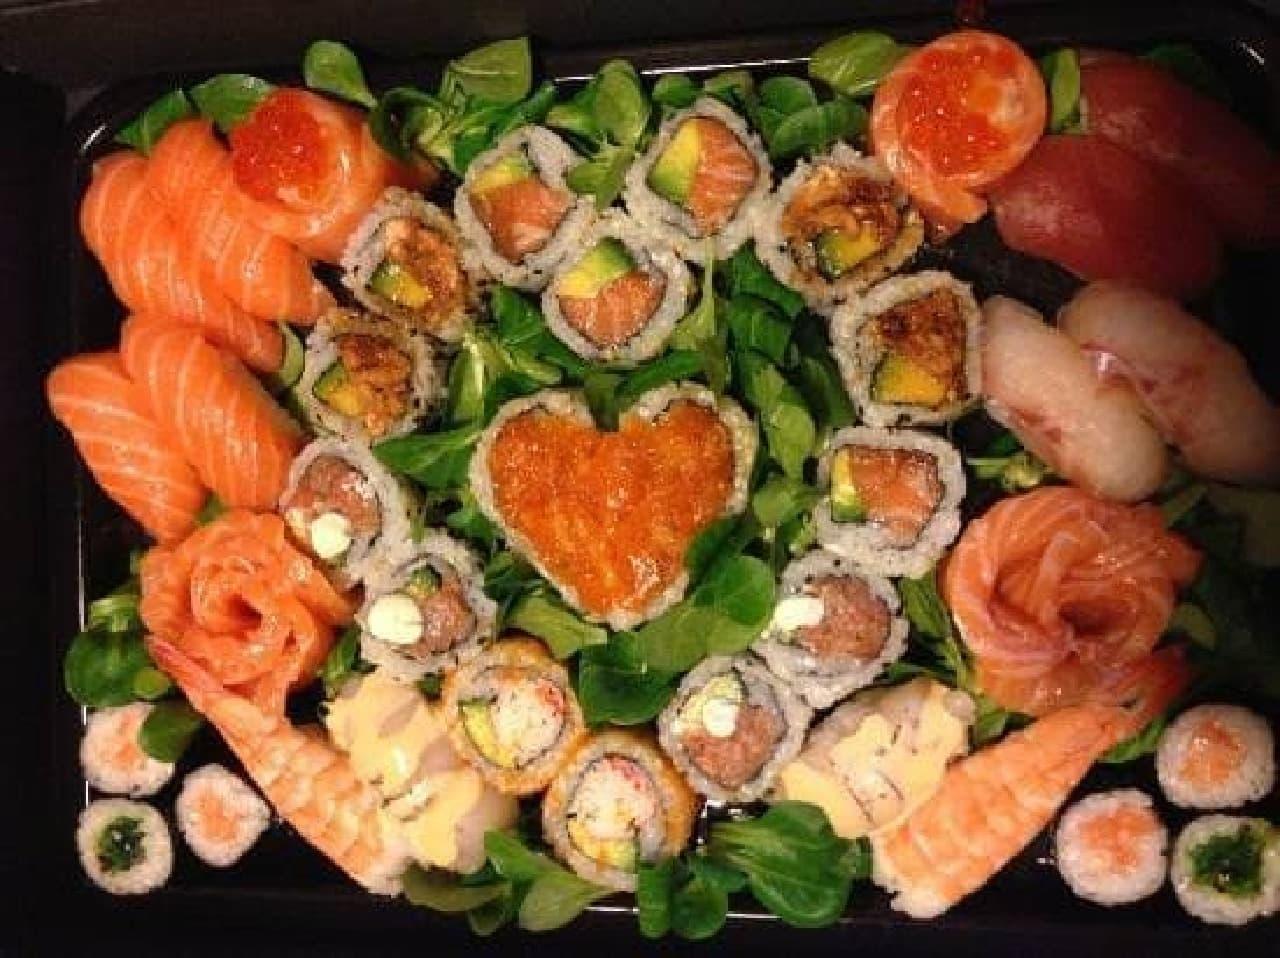 ランキング1位の Jorudan Sushi の料理写真(出典:トリップアドバイザー)